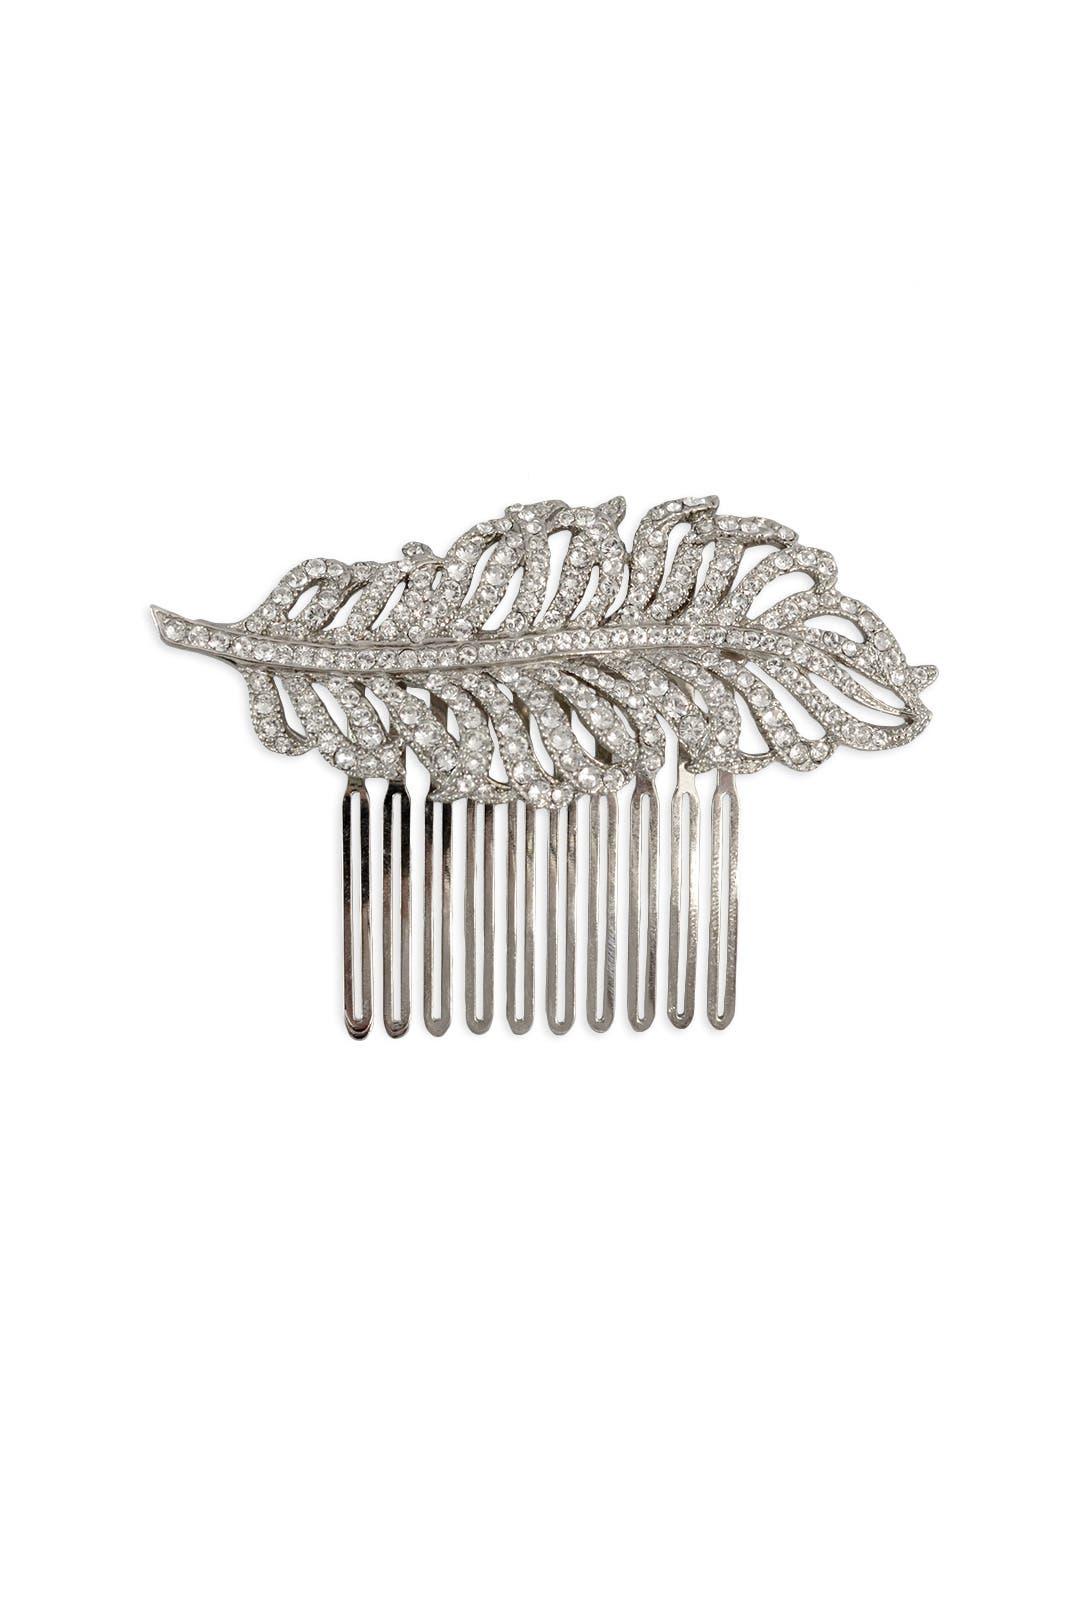 Oh La La Leaf Comb by Ben-Amun